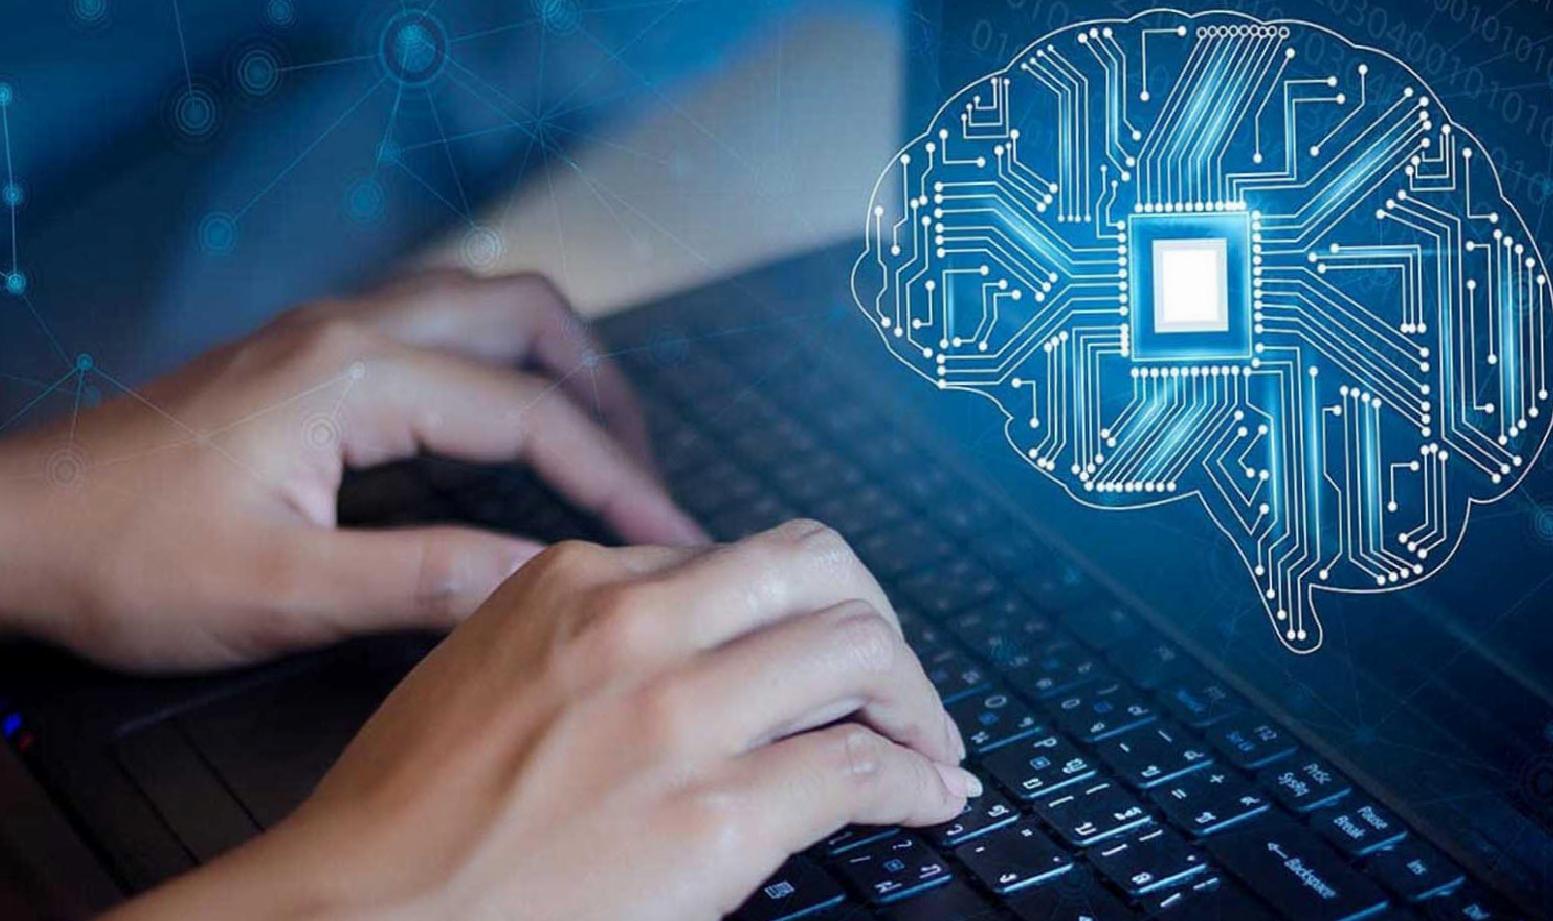 Yapay zekanın güvenlikteki payı 40 milyar doları zorlayacak